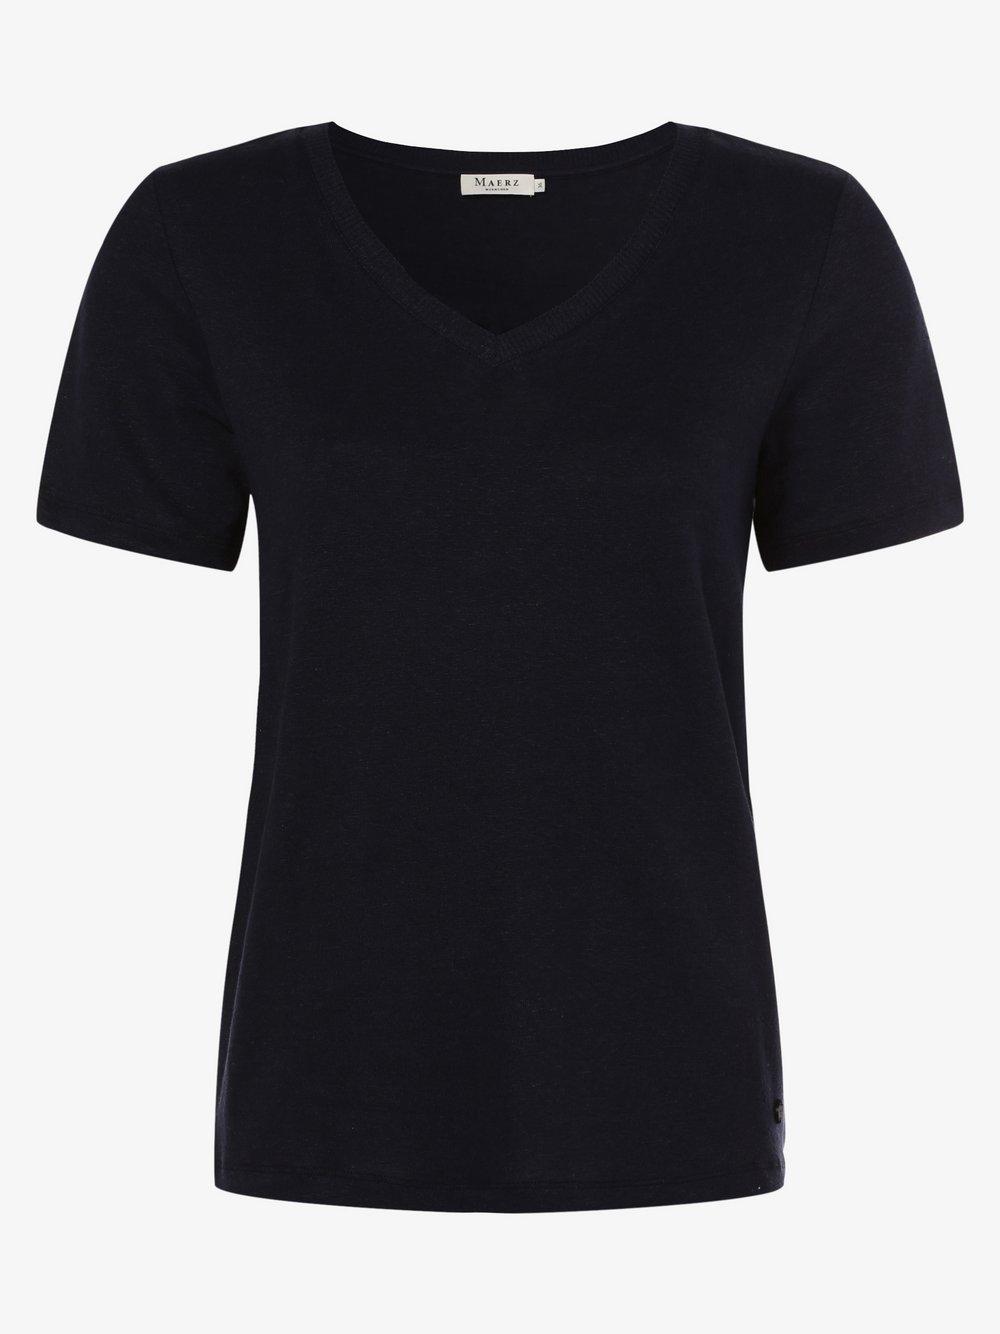 März – Damska bluzka lniana, niebieski Van Graaf 471662-0002-00400